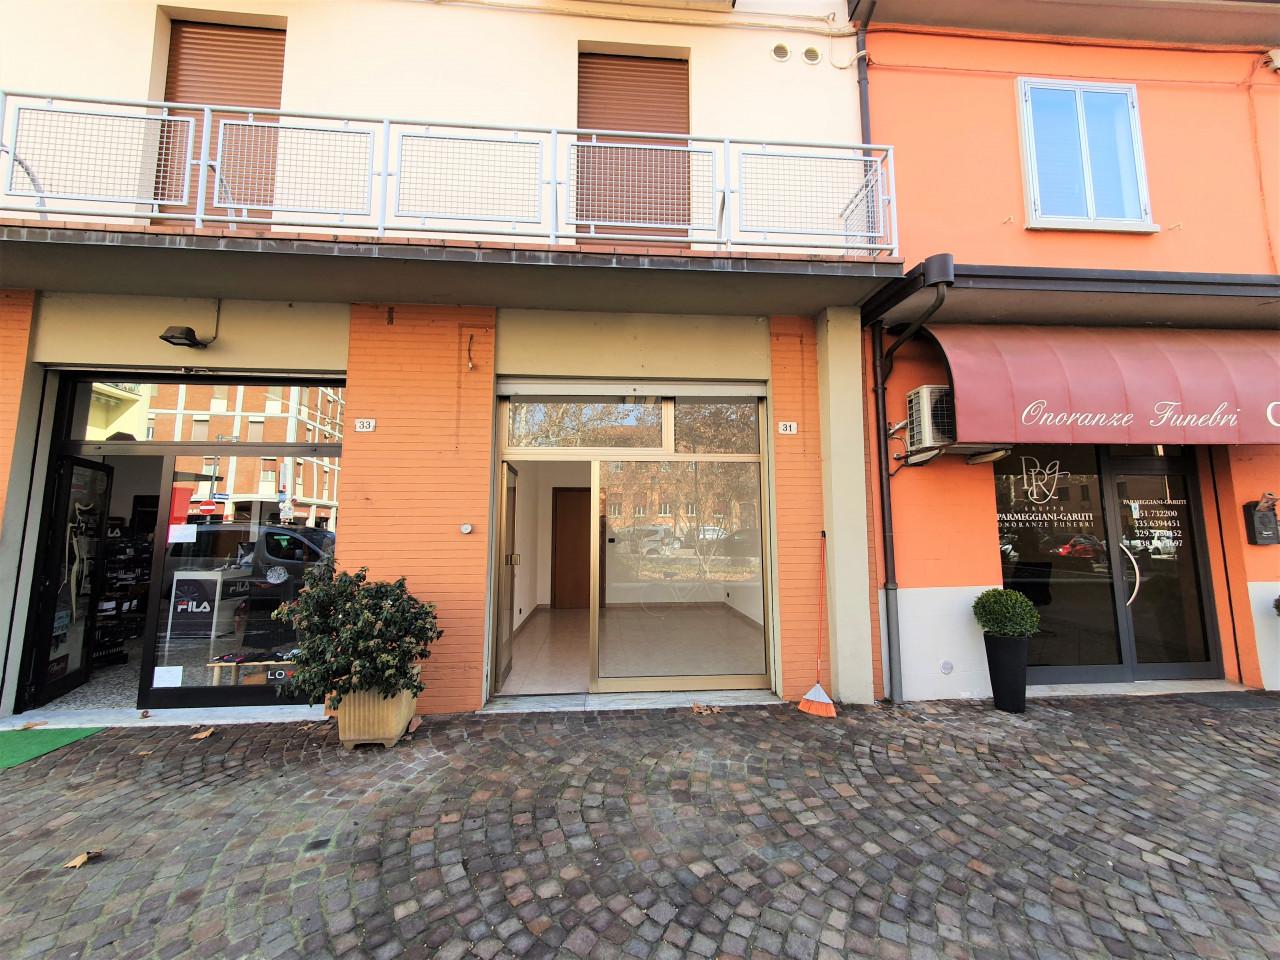 Anzola Emilia centro negozio di mq.20 sulla piazza